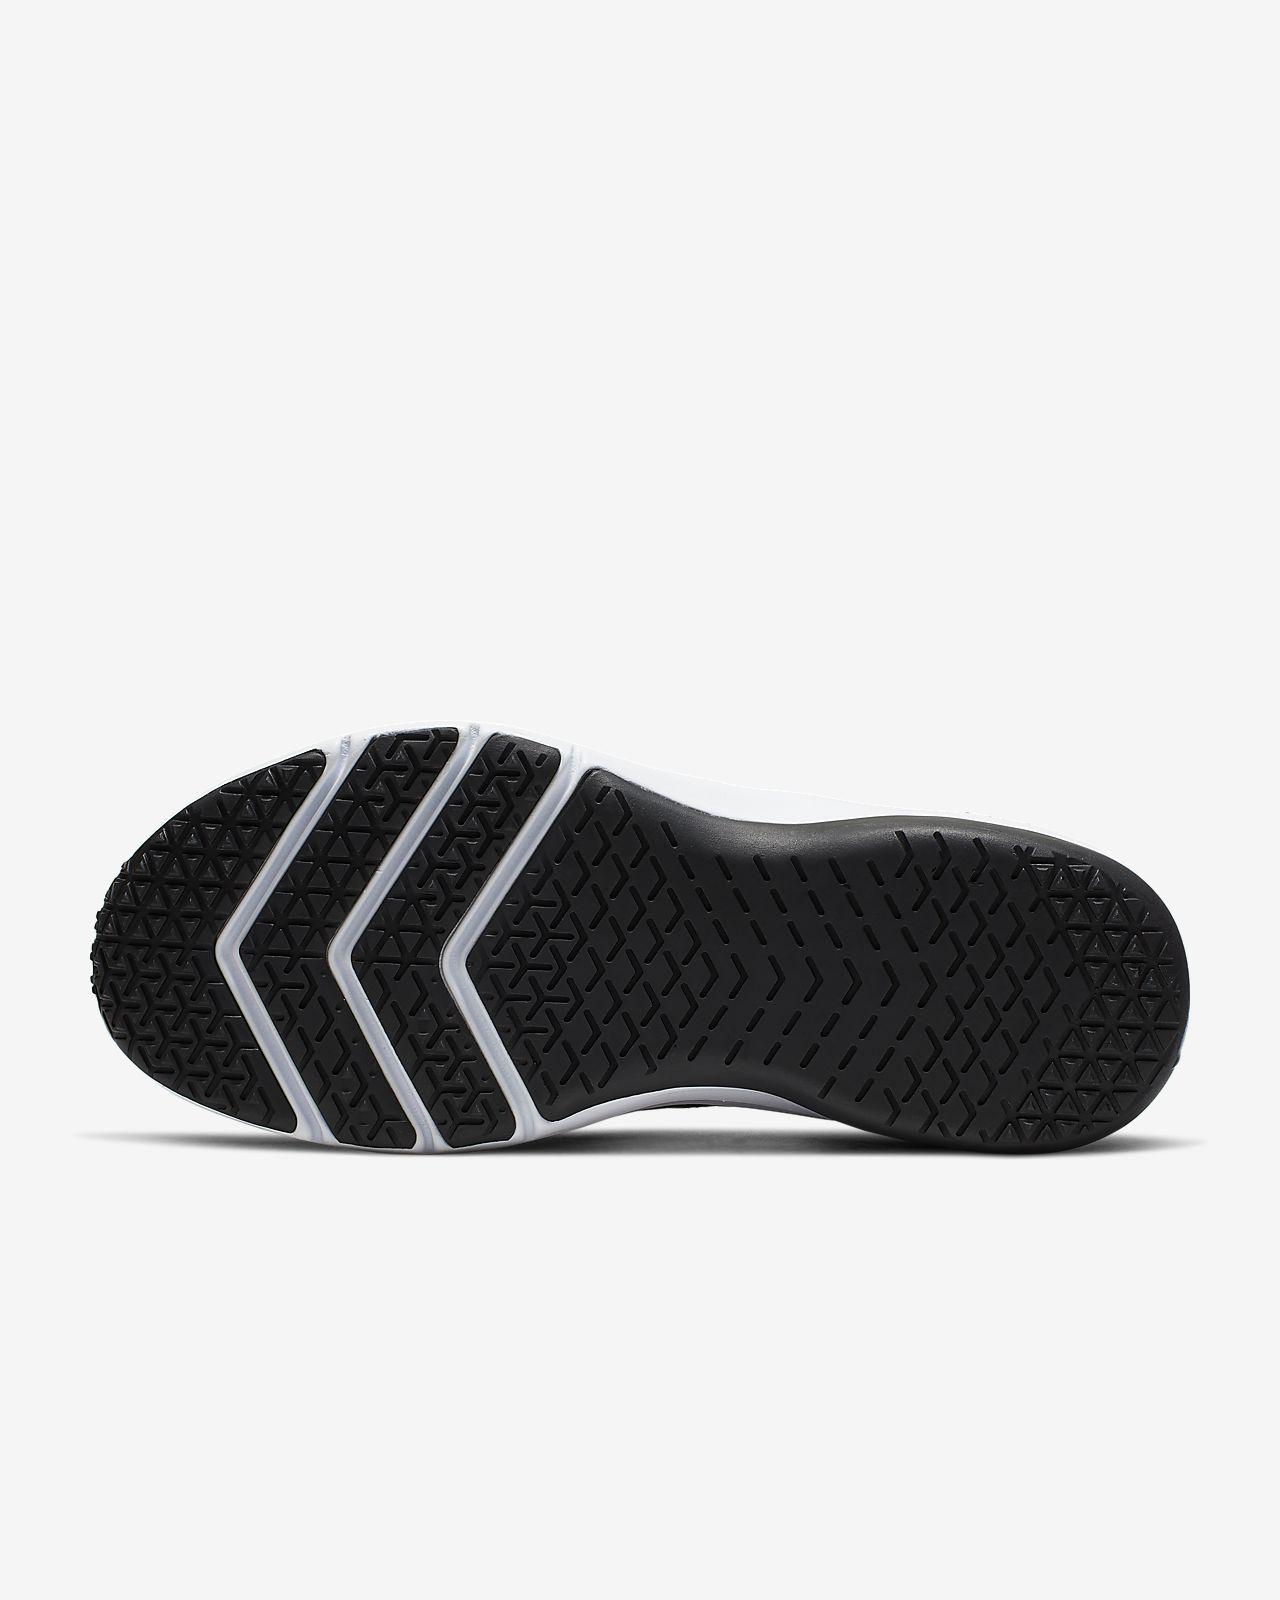 8e5df033ff7 ... Chaussure de training